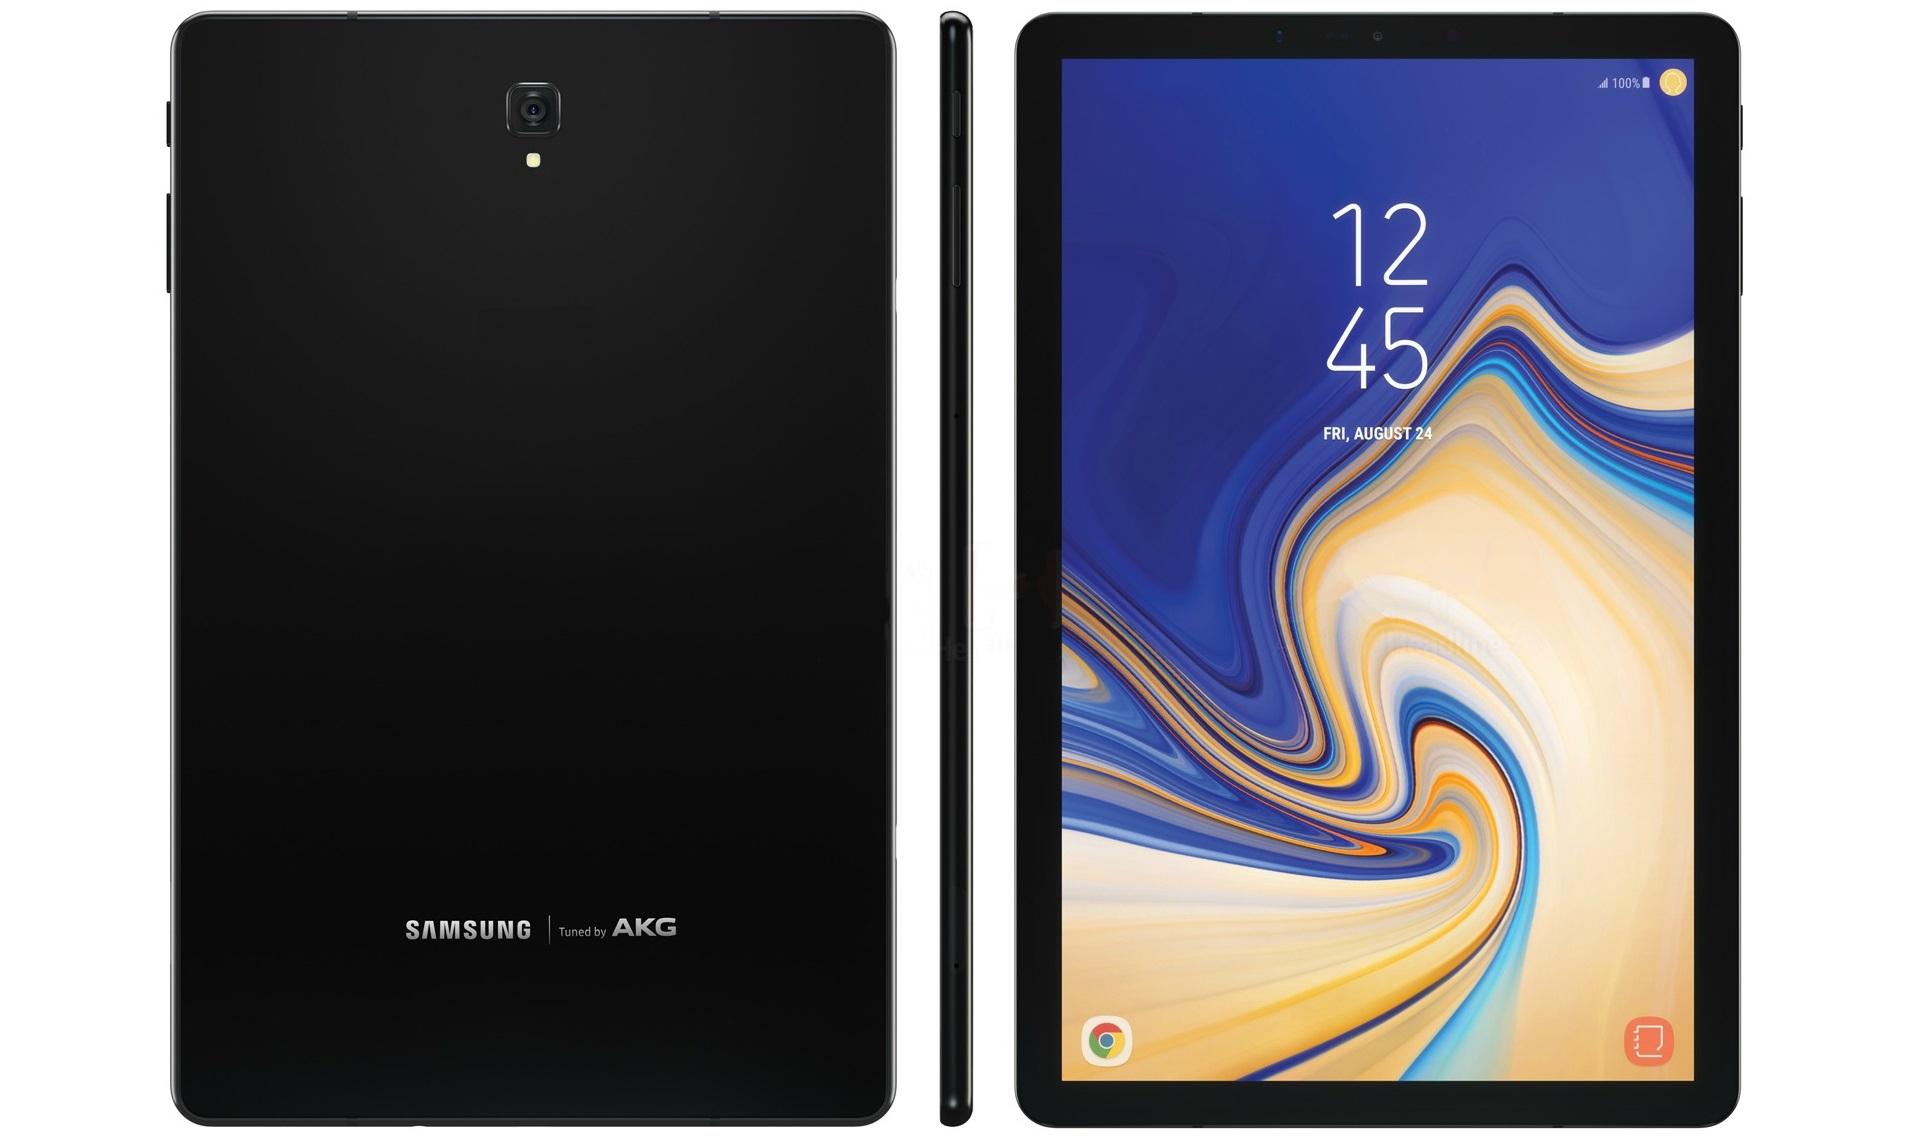 صور ومواصفات Galaxy Tab S4 وبعض من مميزاته تظهر بفضل ملفات firmware